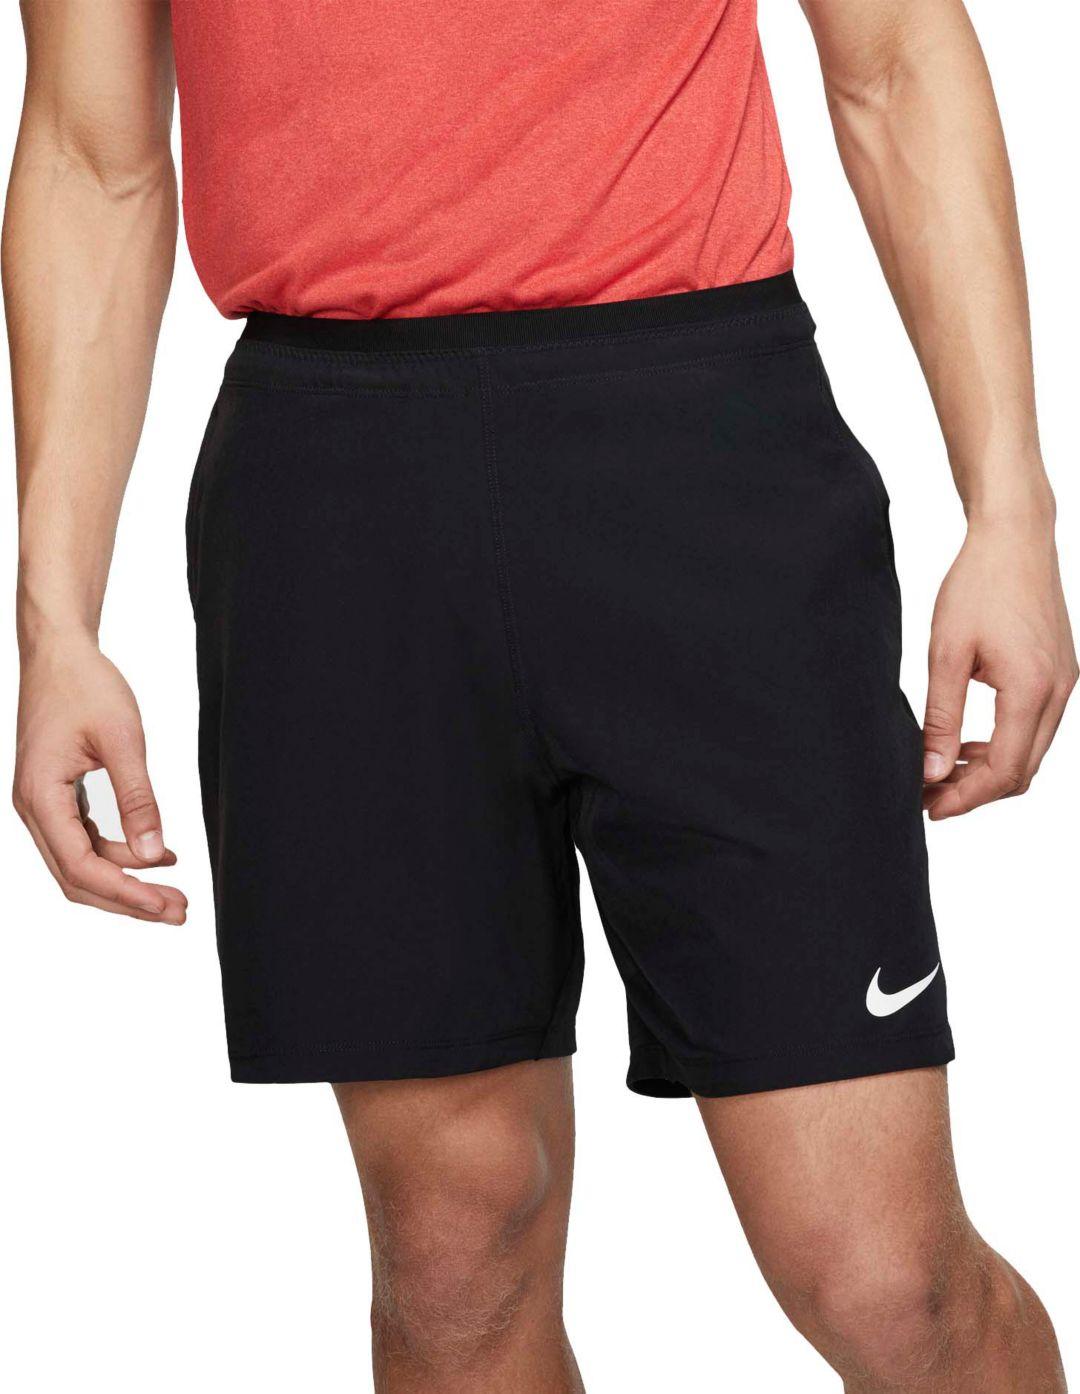 71652f2391cf0 Nike Men's Pro Flex Repel Shorts